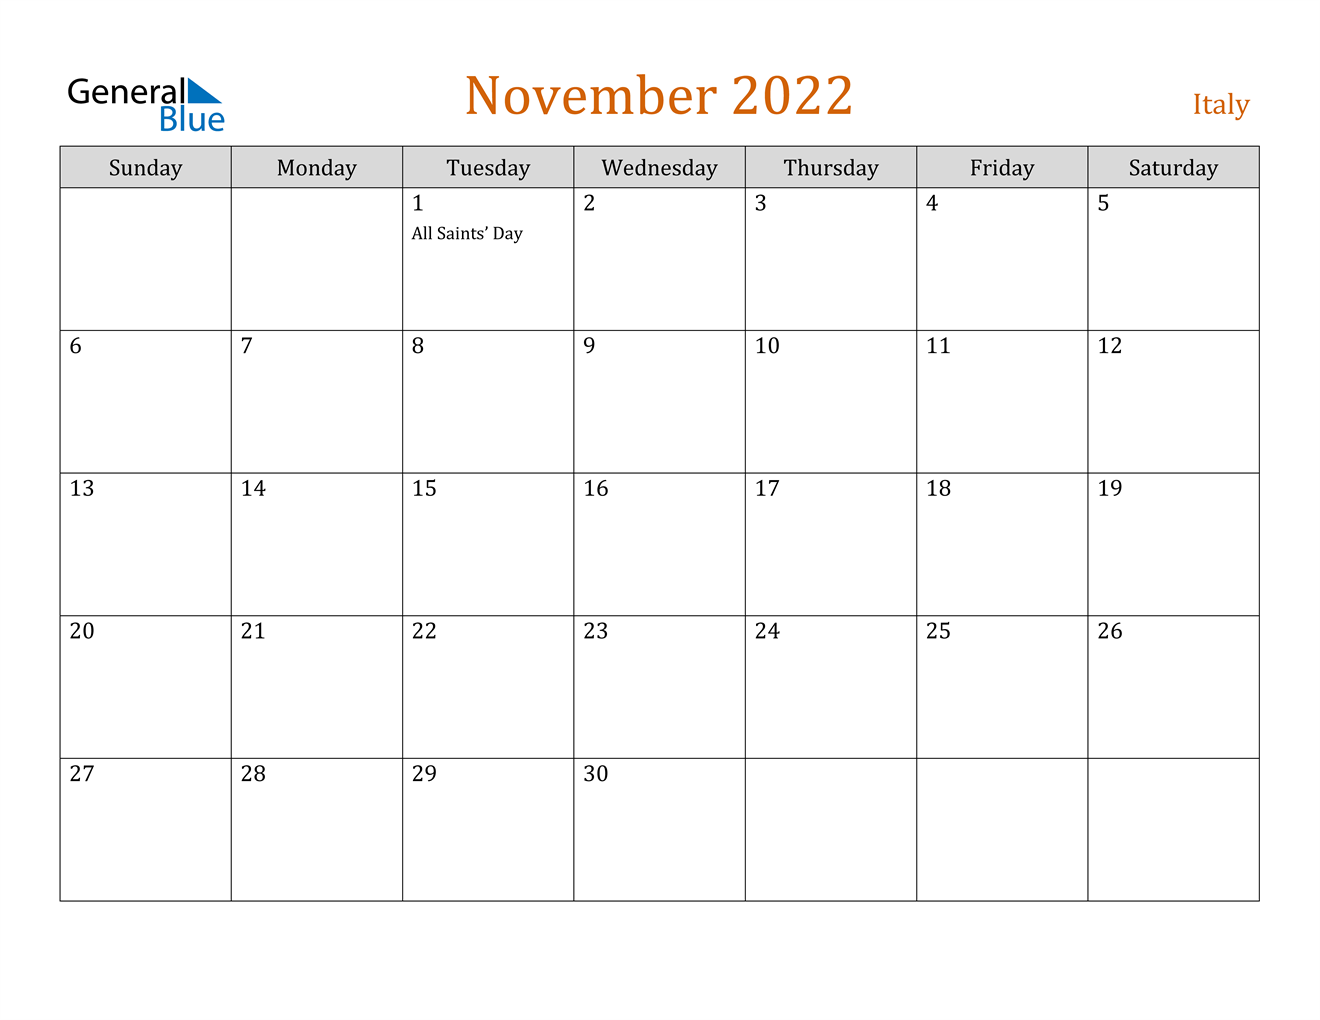 November 2022 Calendar - Italy